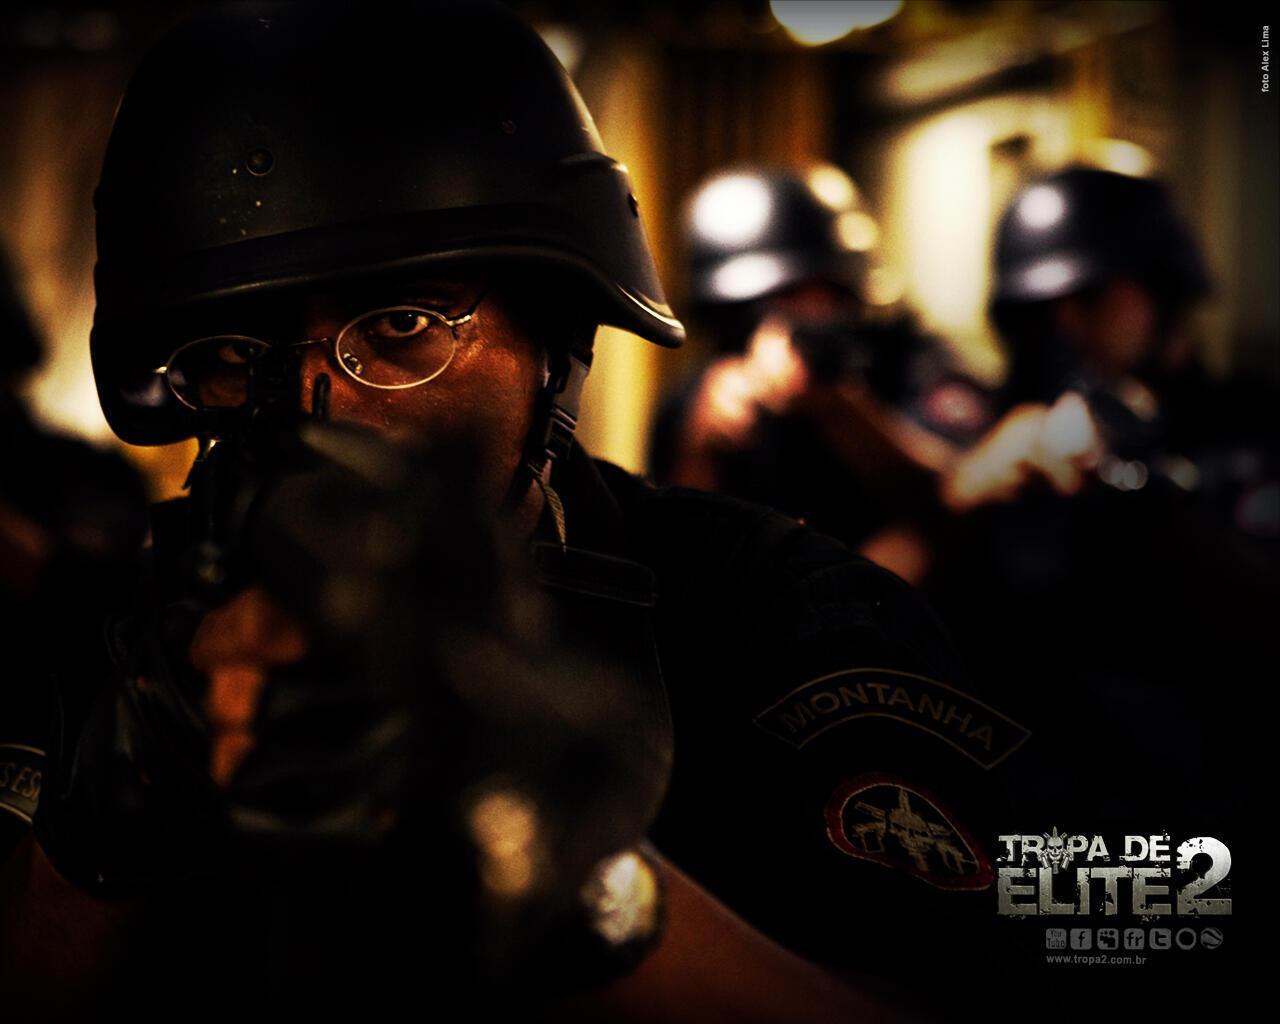 Tropa de Elite 2 estreia no Festival de Cinema de Berlim.